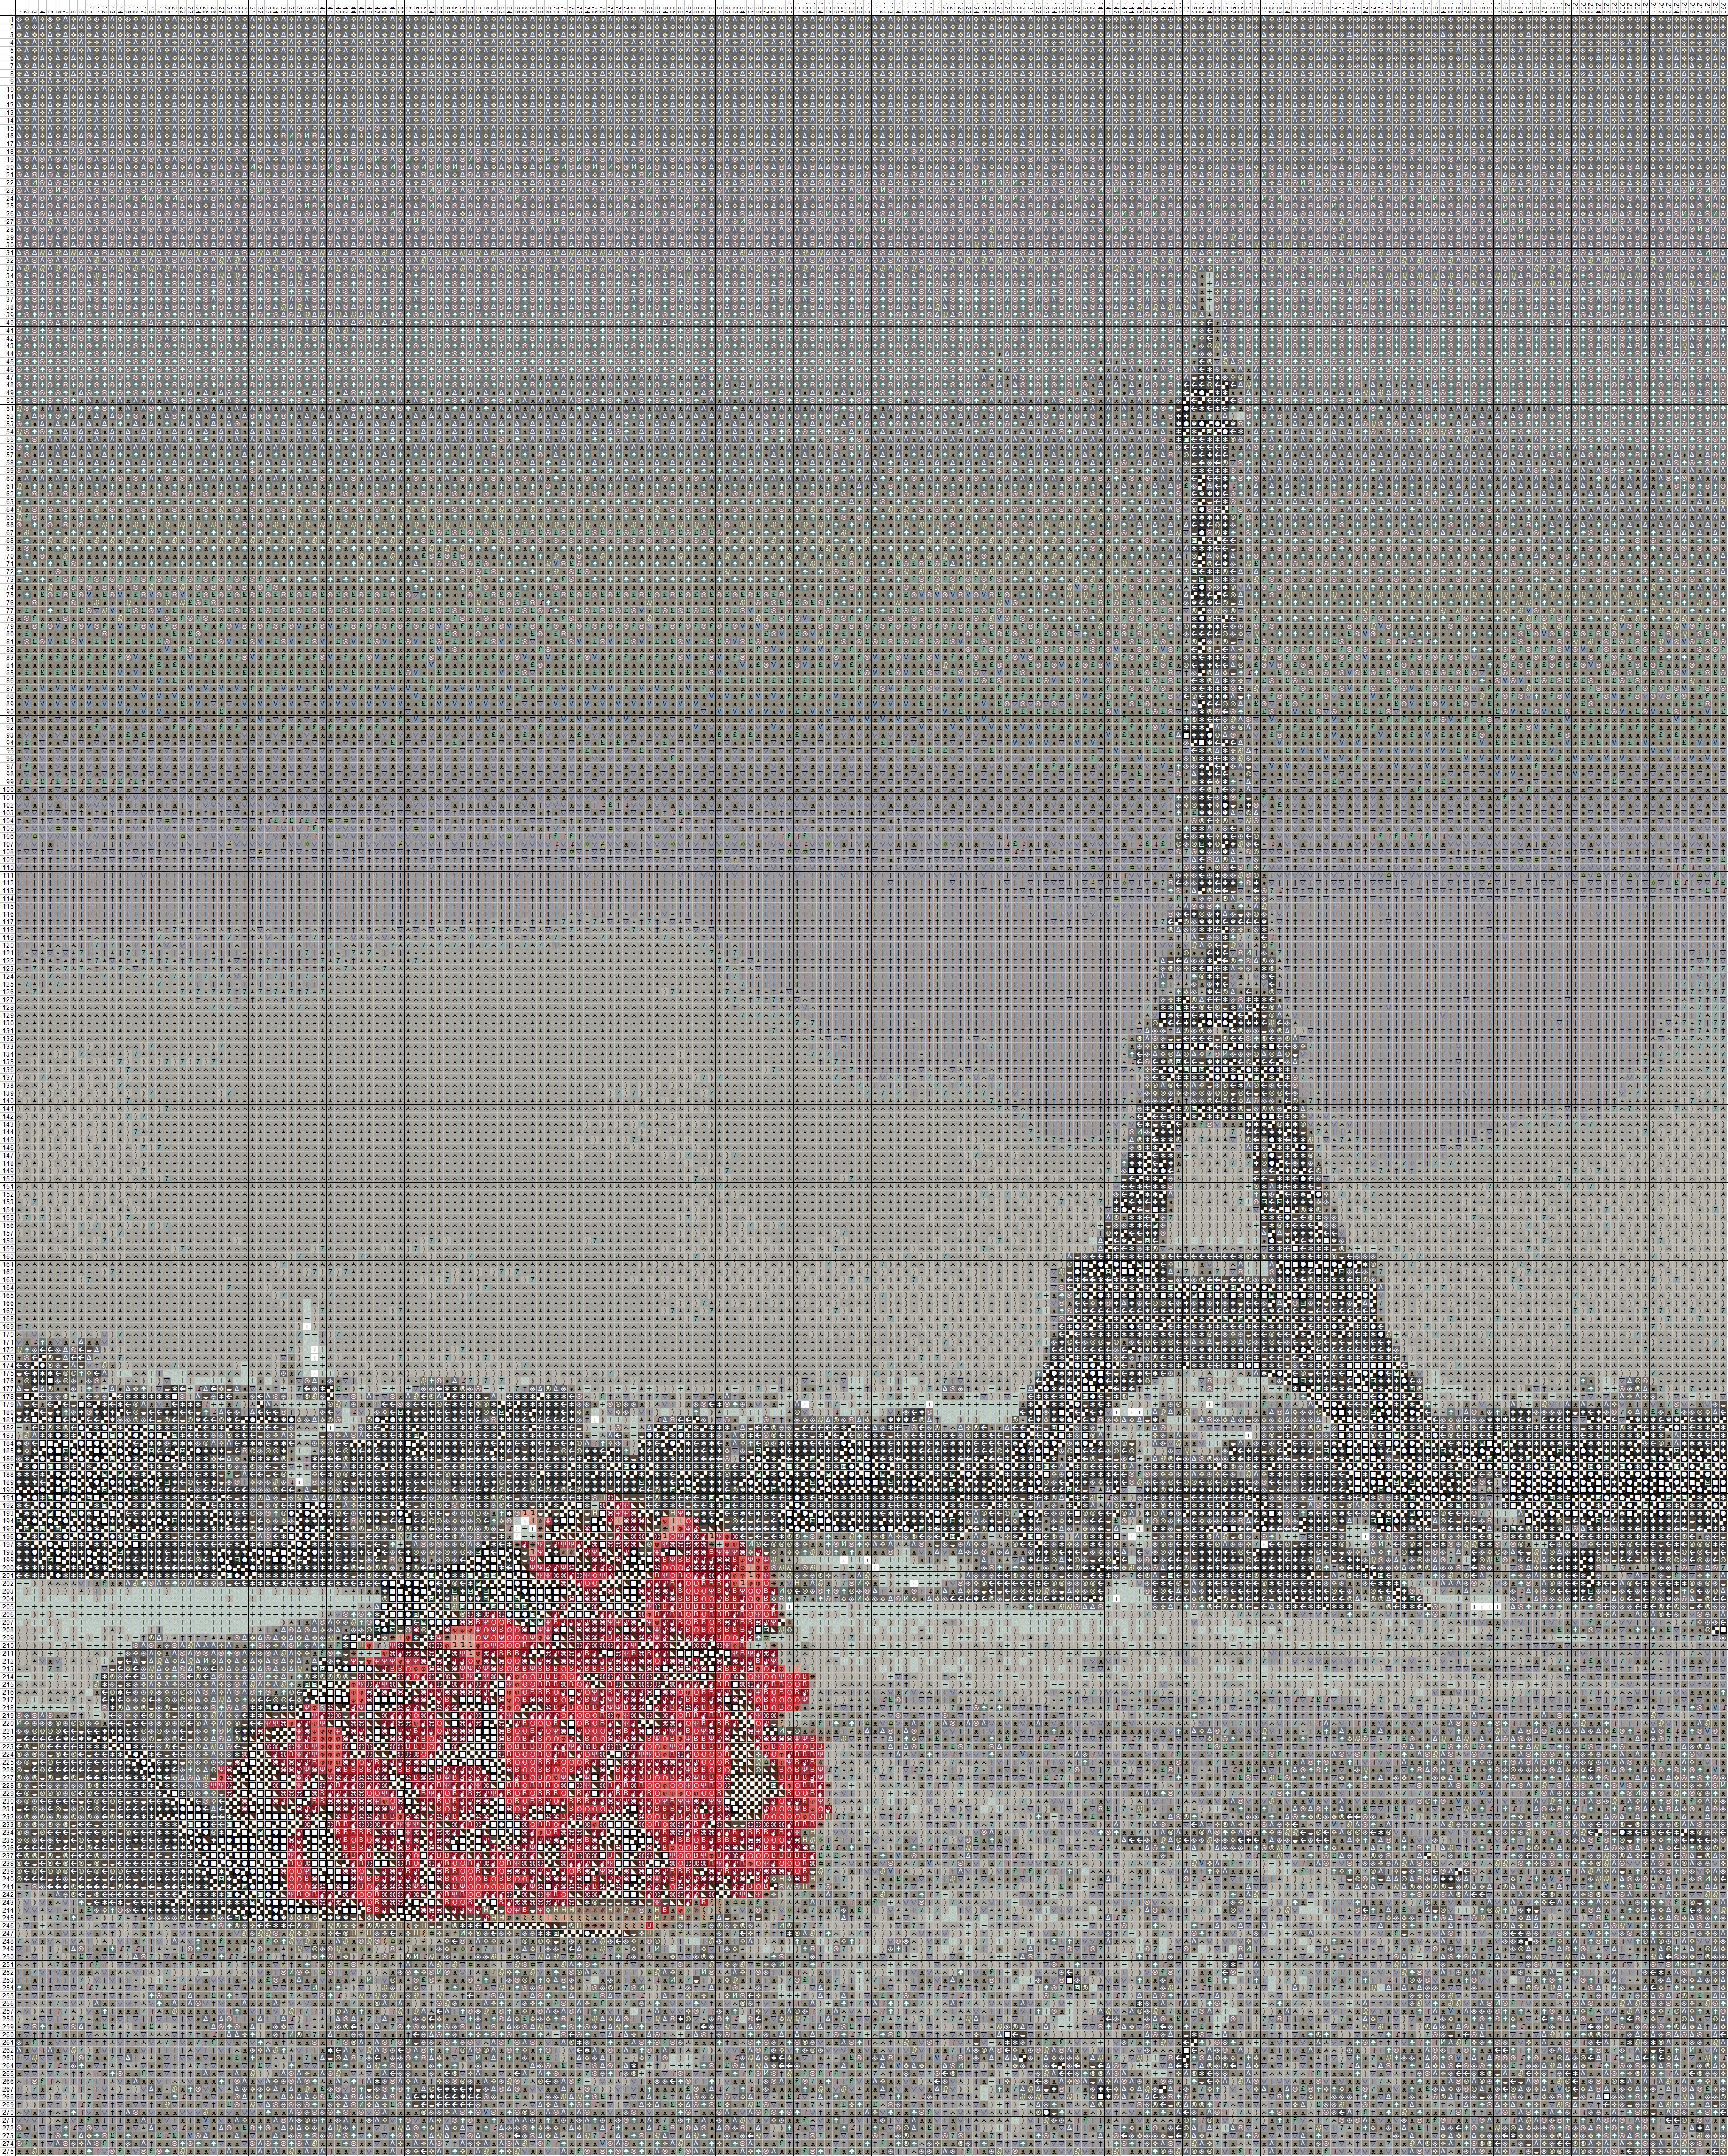 Вышивка крестом ейфилевая башня.